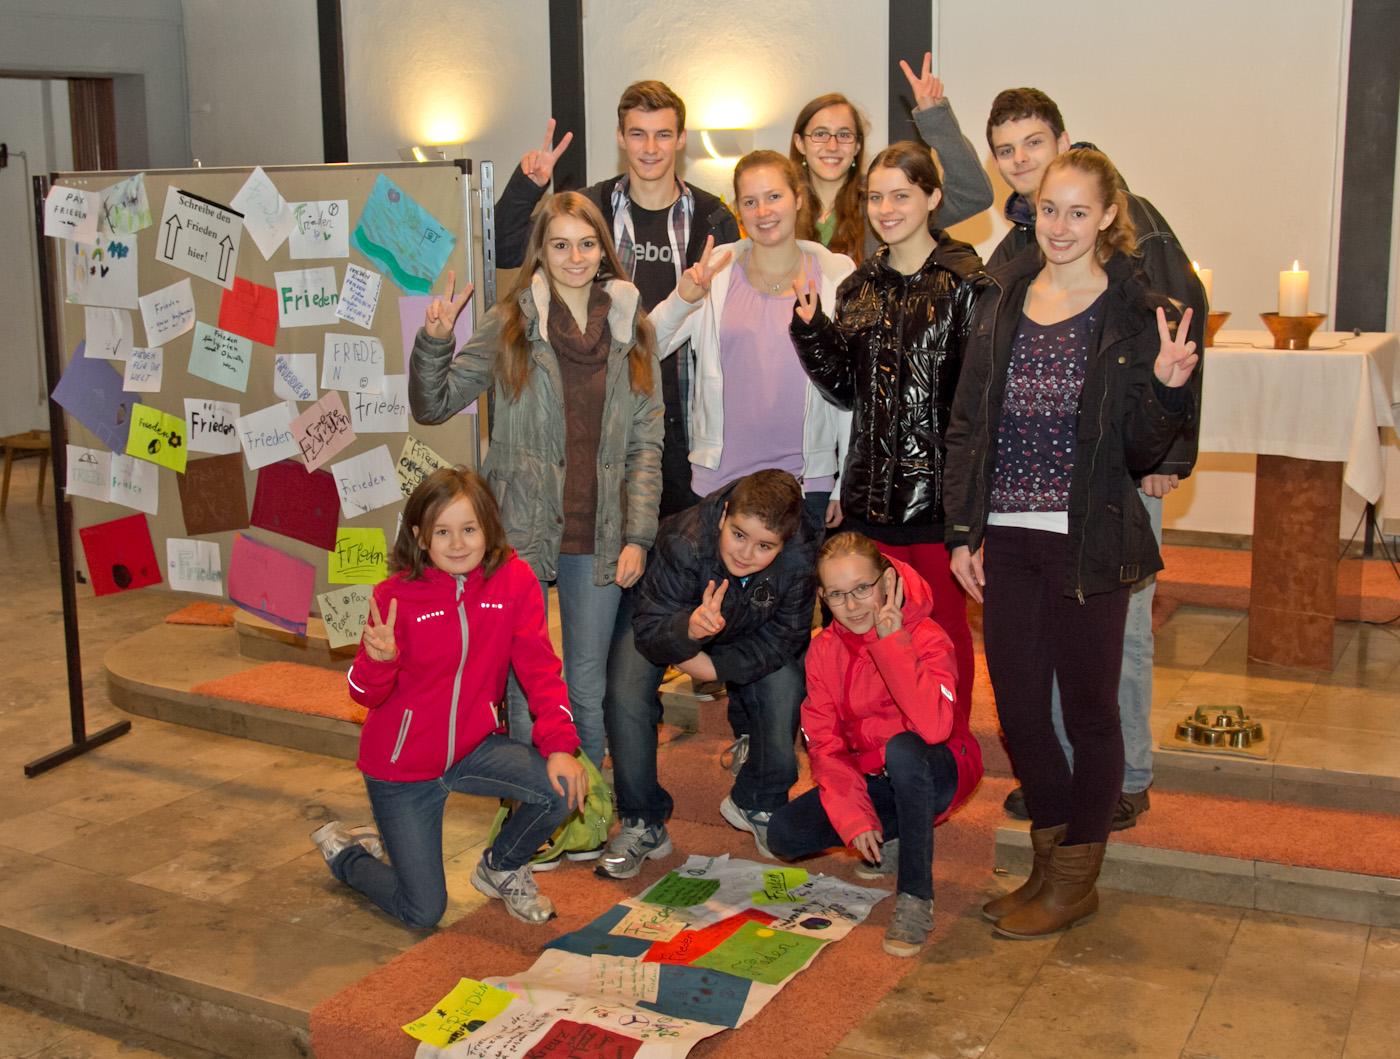 Die Ministranten der Pfarrgemeinde Heilig Kreuz in Auerbach - Friedensaktion